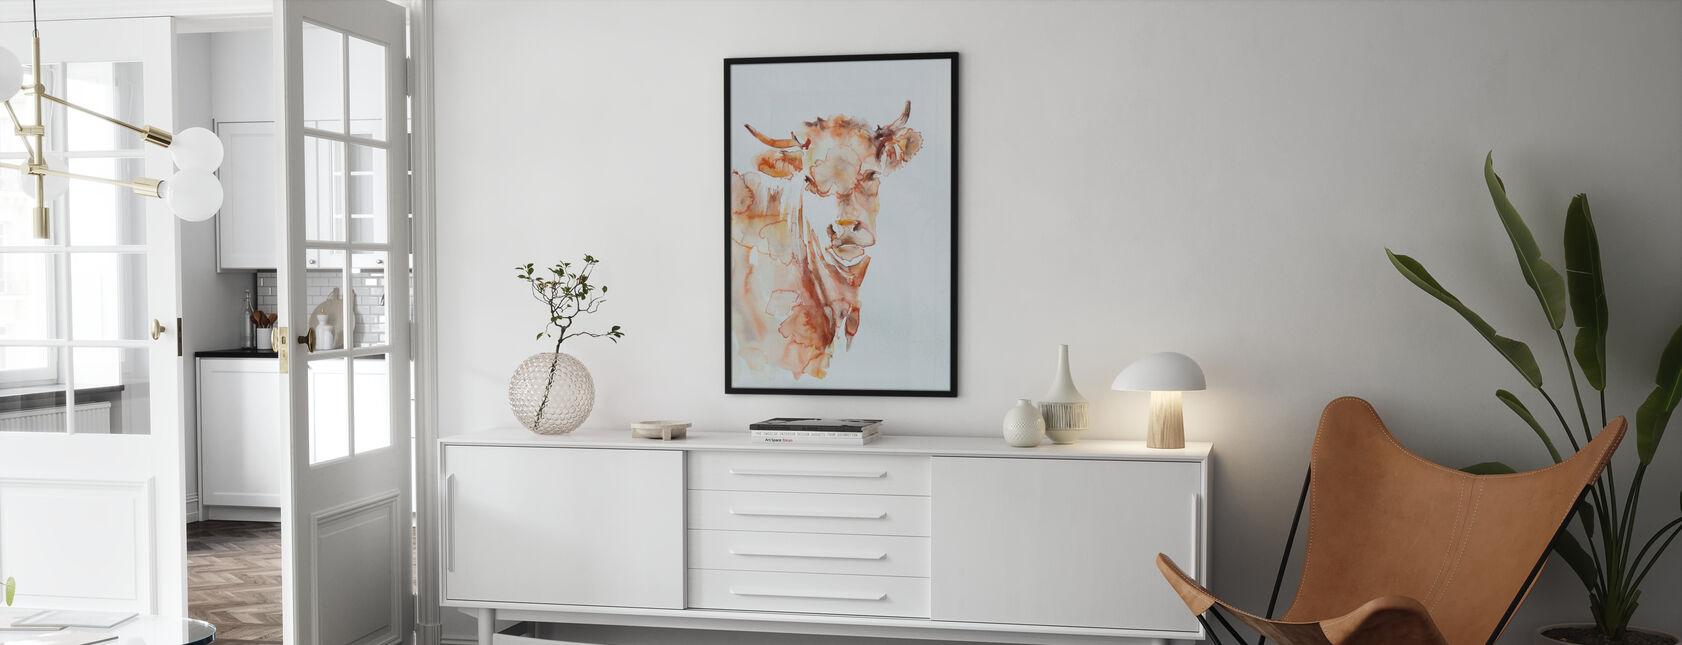 Kylä lehmä - Juliste - Olohuone